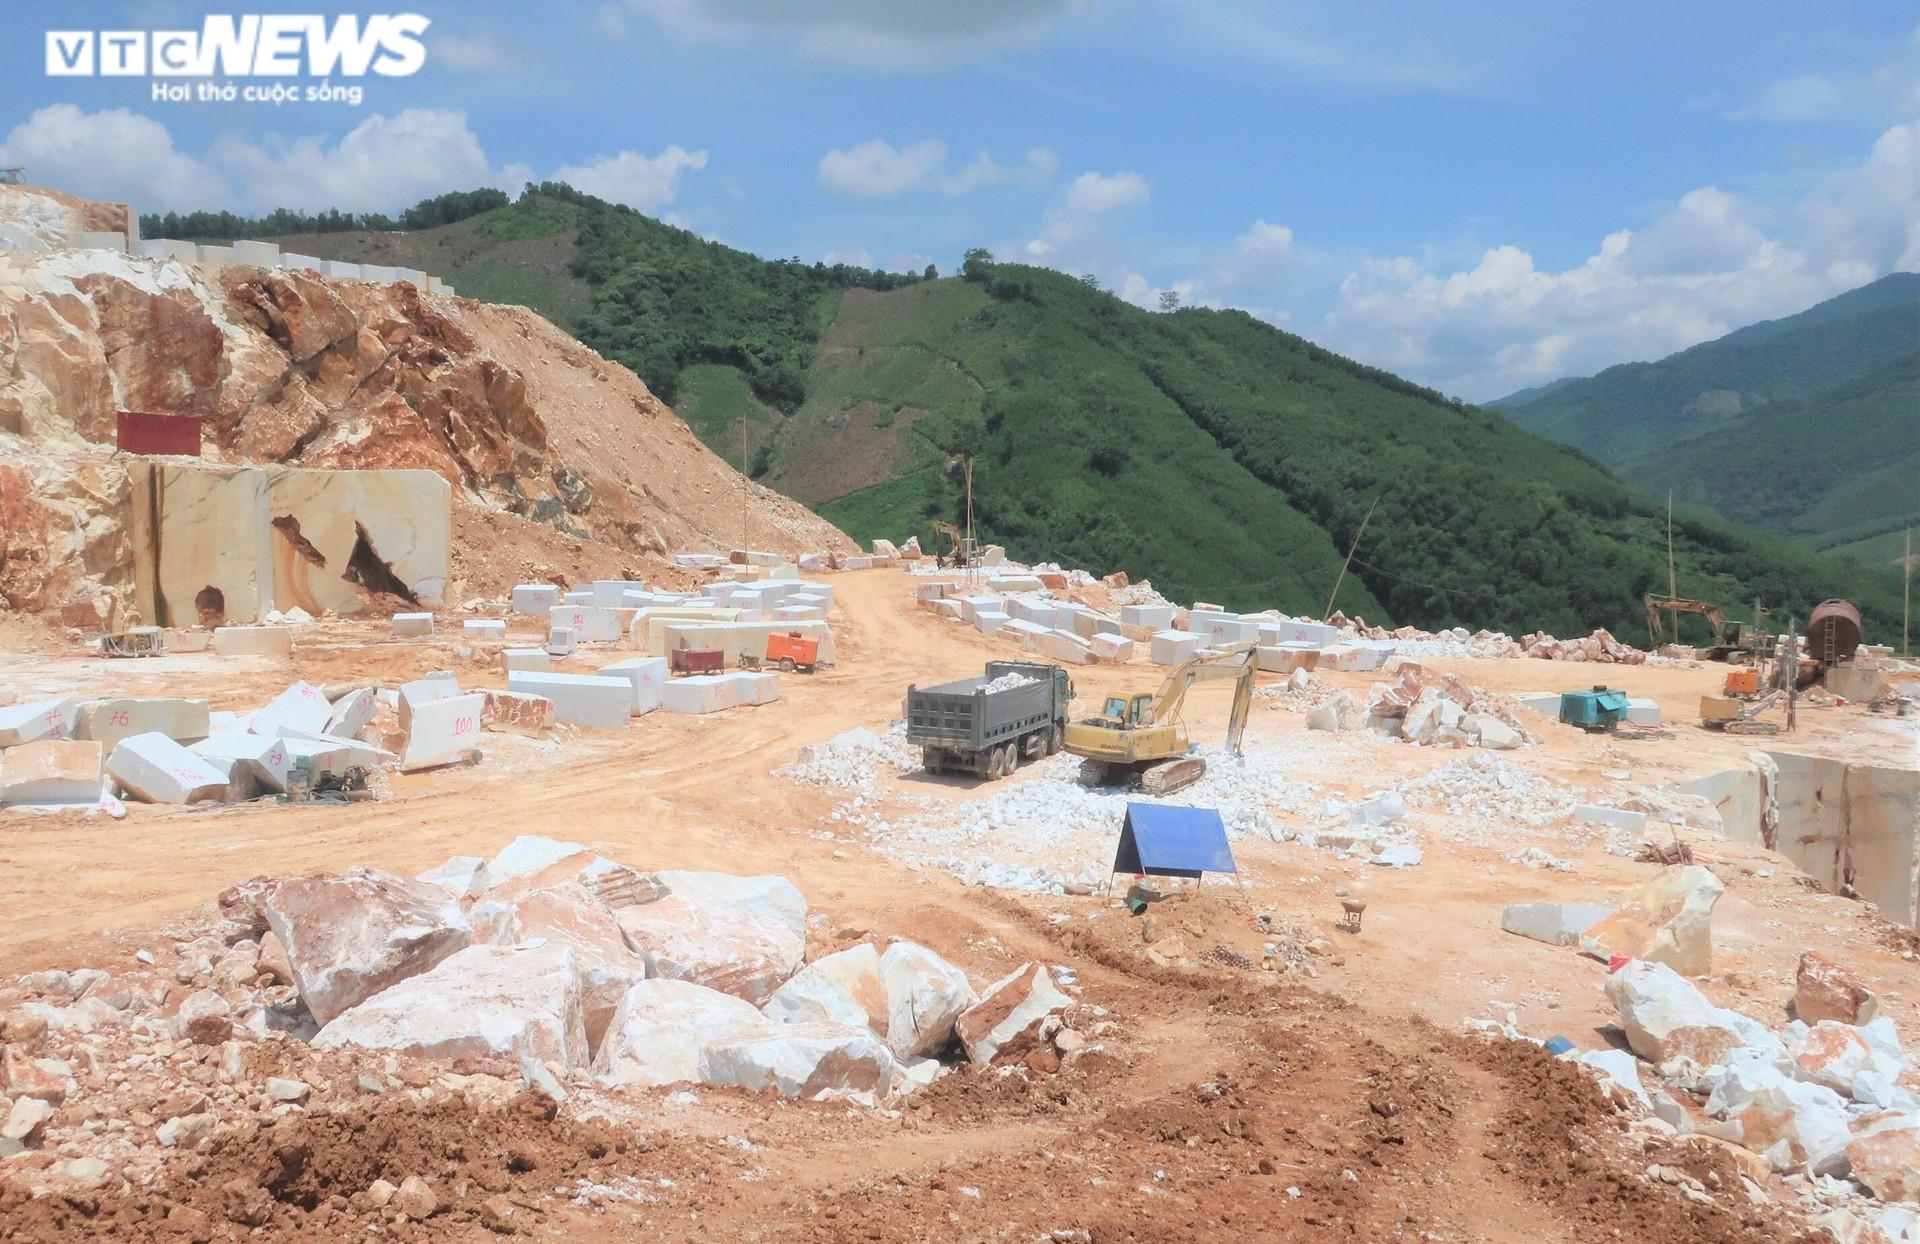 Tan hoang hiện trường khai thác trái phép đá trắng ở Nghệ An - 1